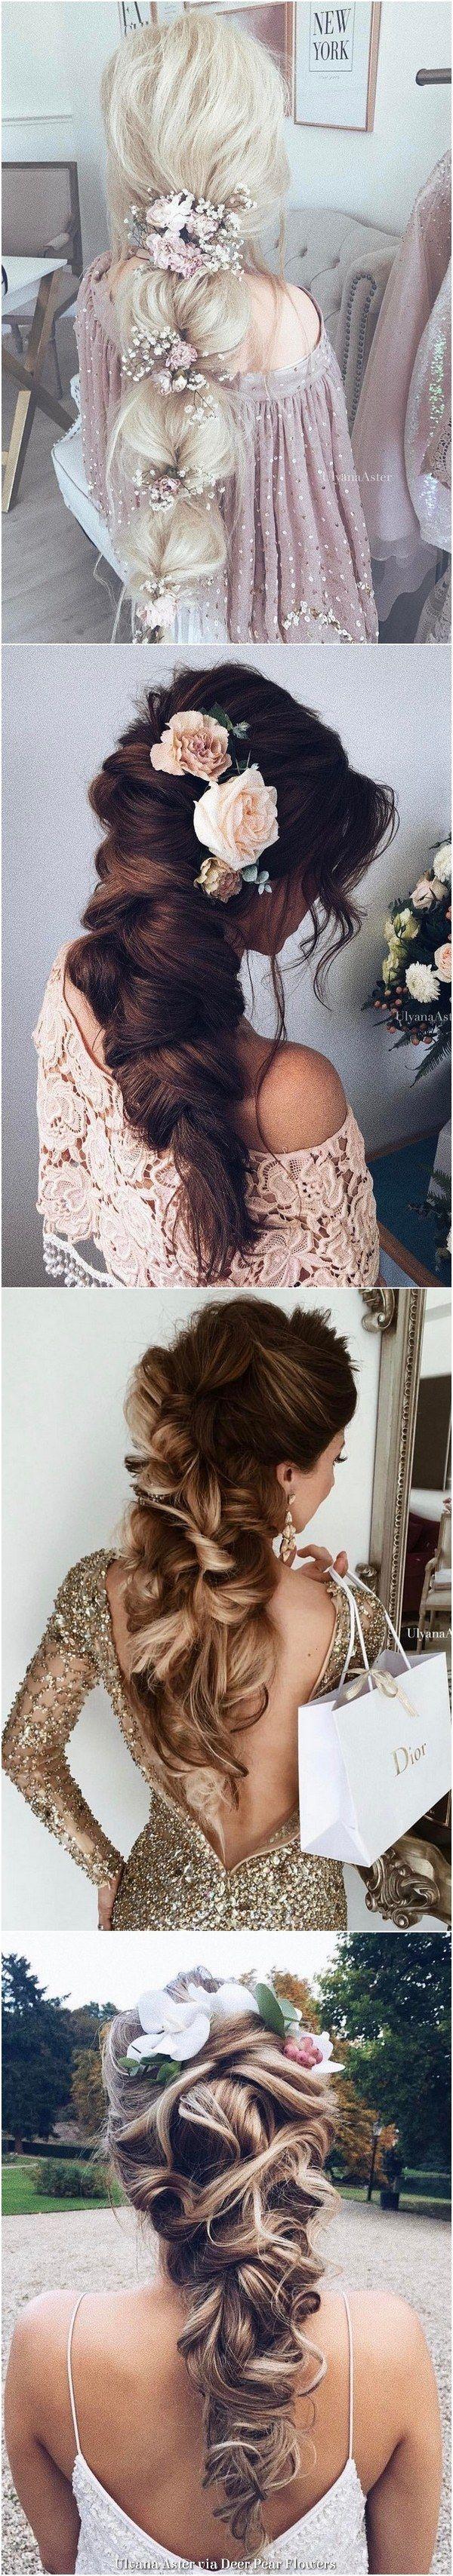 Ulyana Aster Long Wedding Hairstyles Inspiration - www.ulyanaaster.com   Deer Pe...